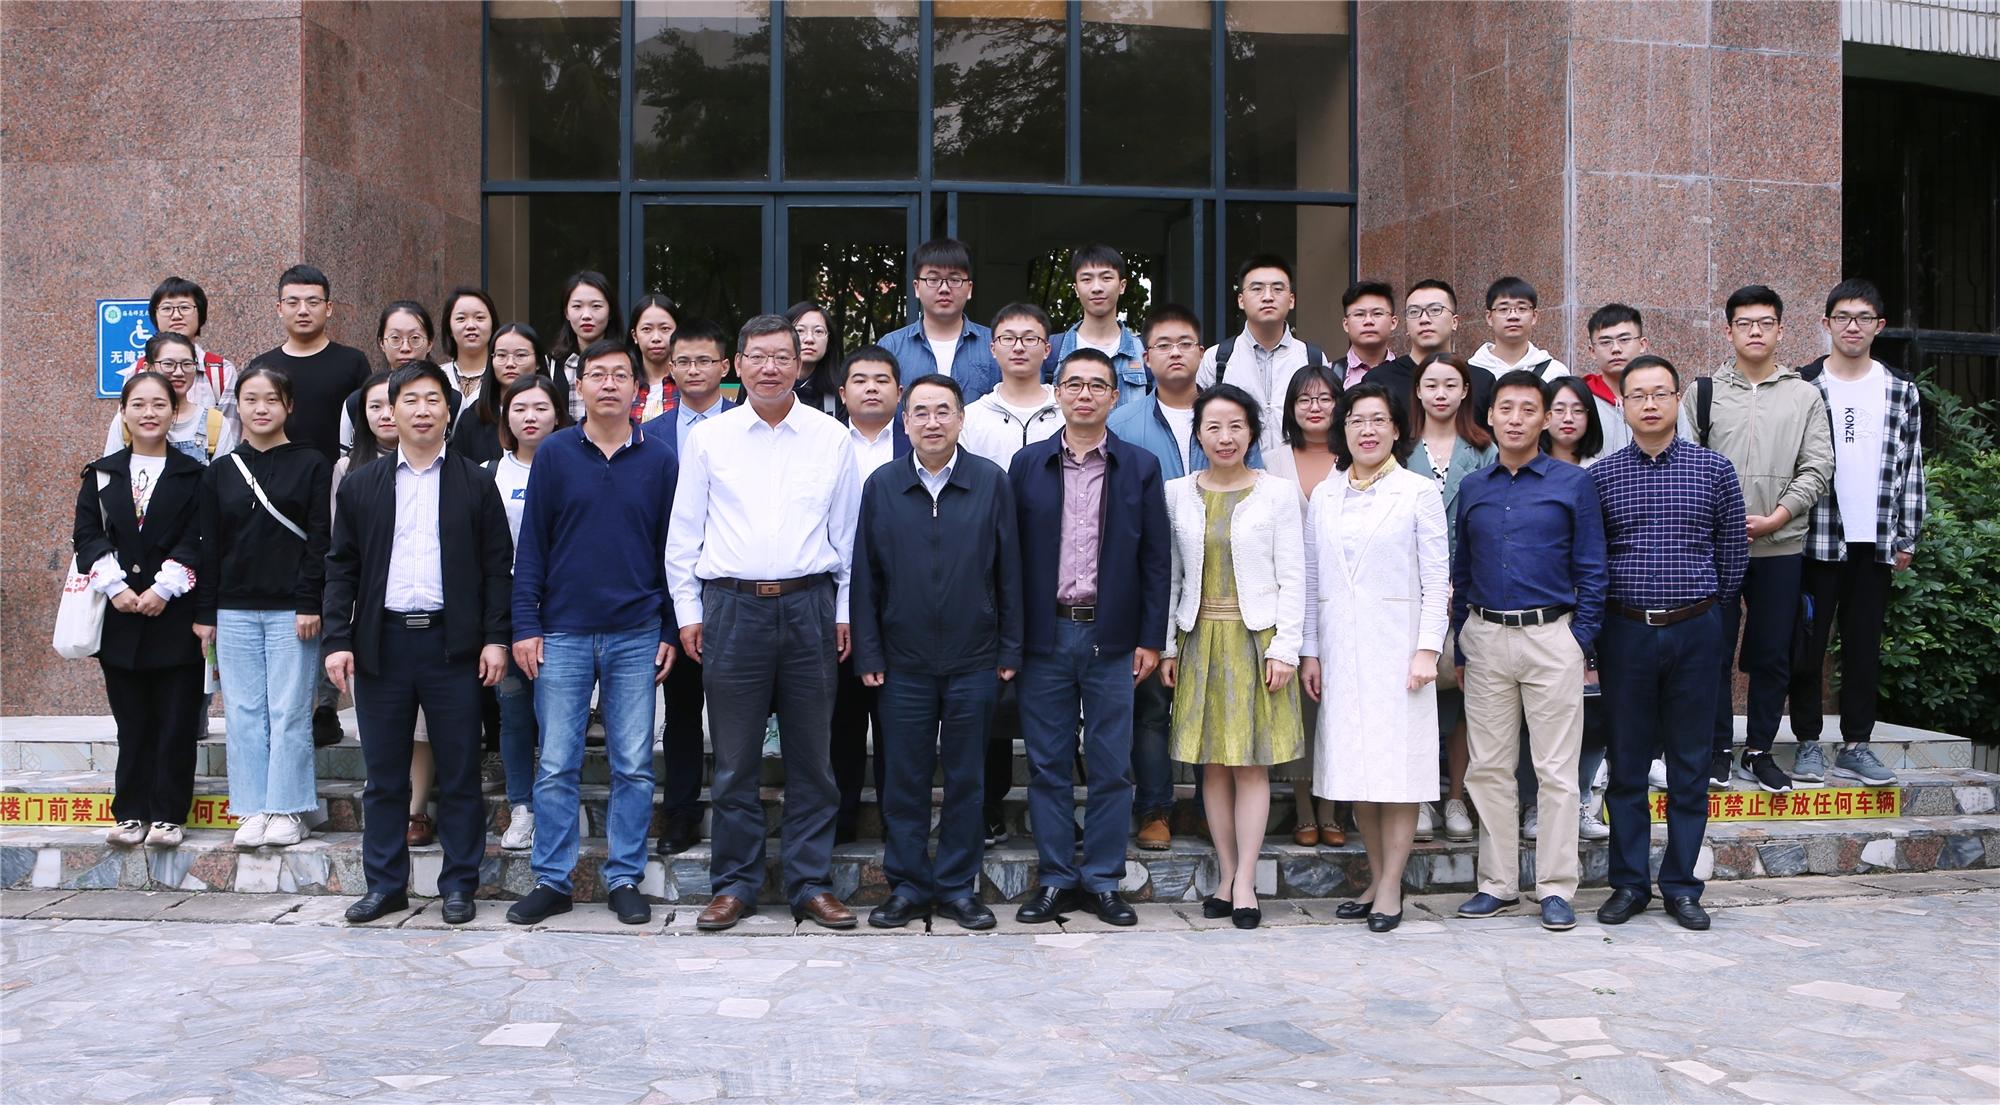 天福彩票与华中师大共建国家历史教材协作研究基地